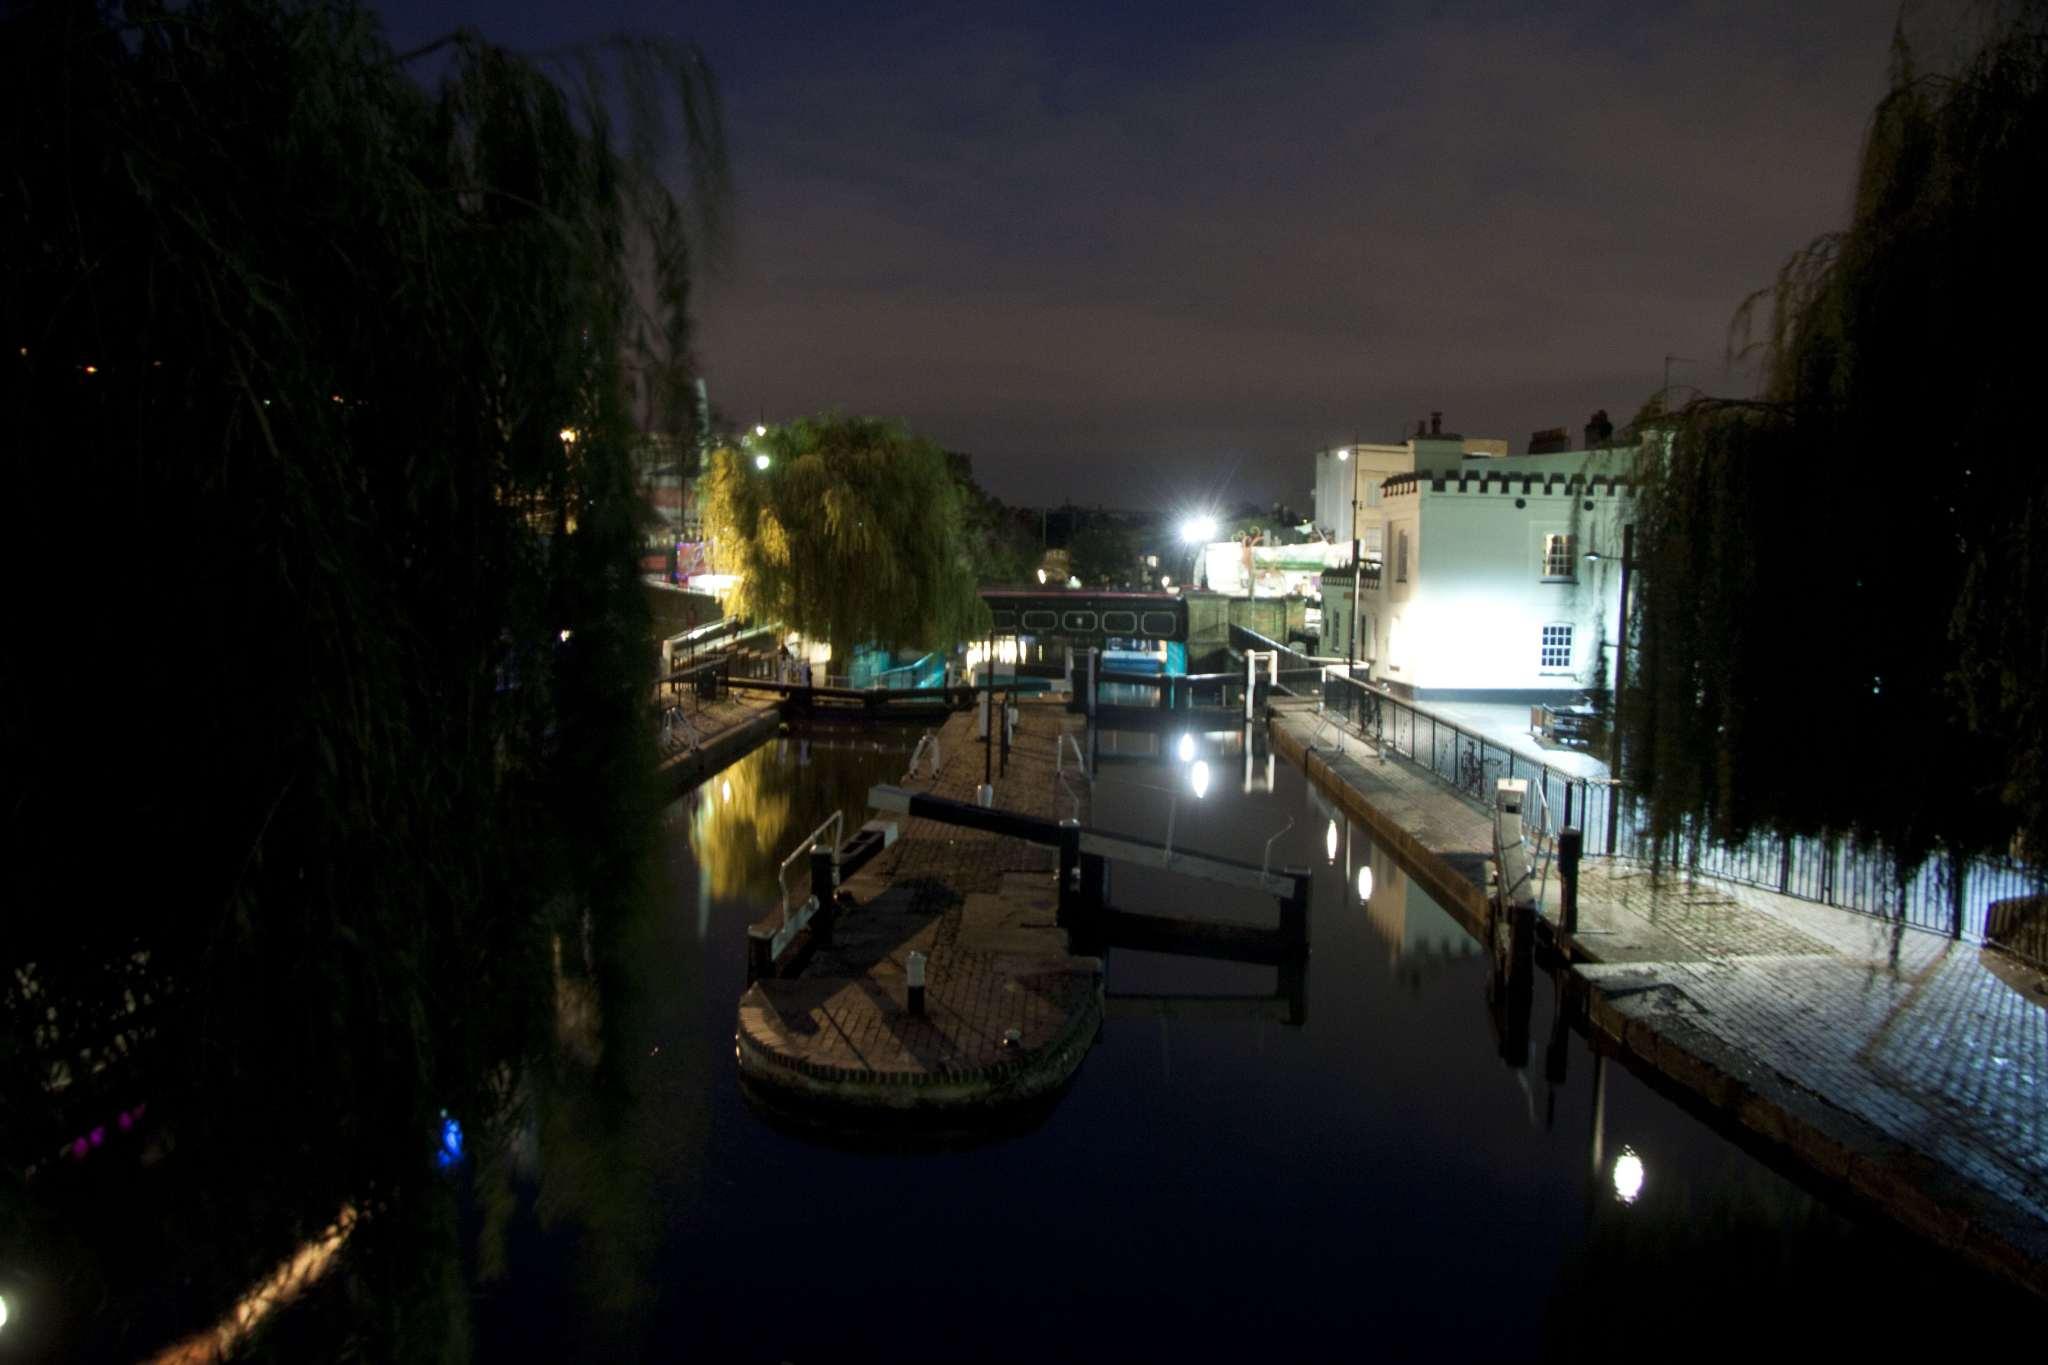 Camden Lock by night